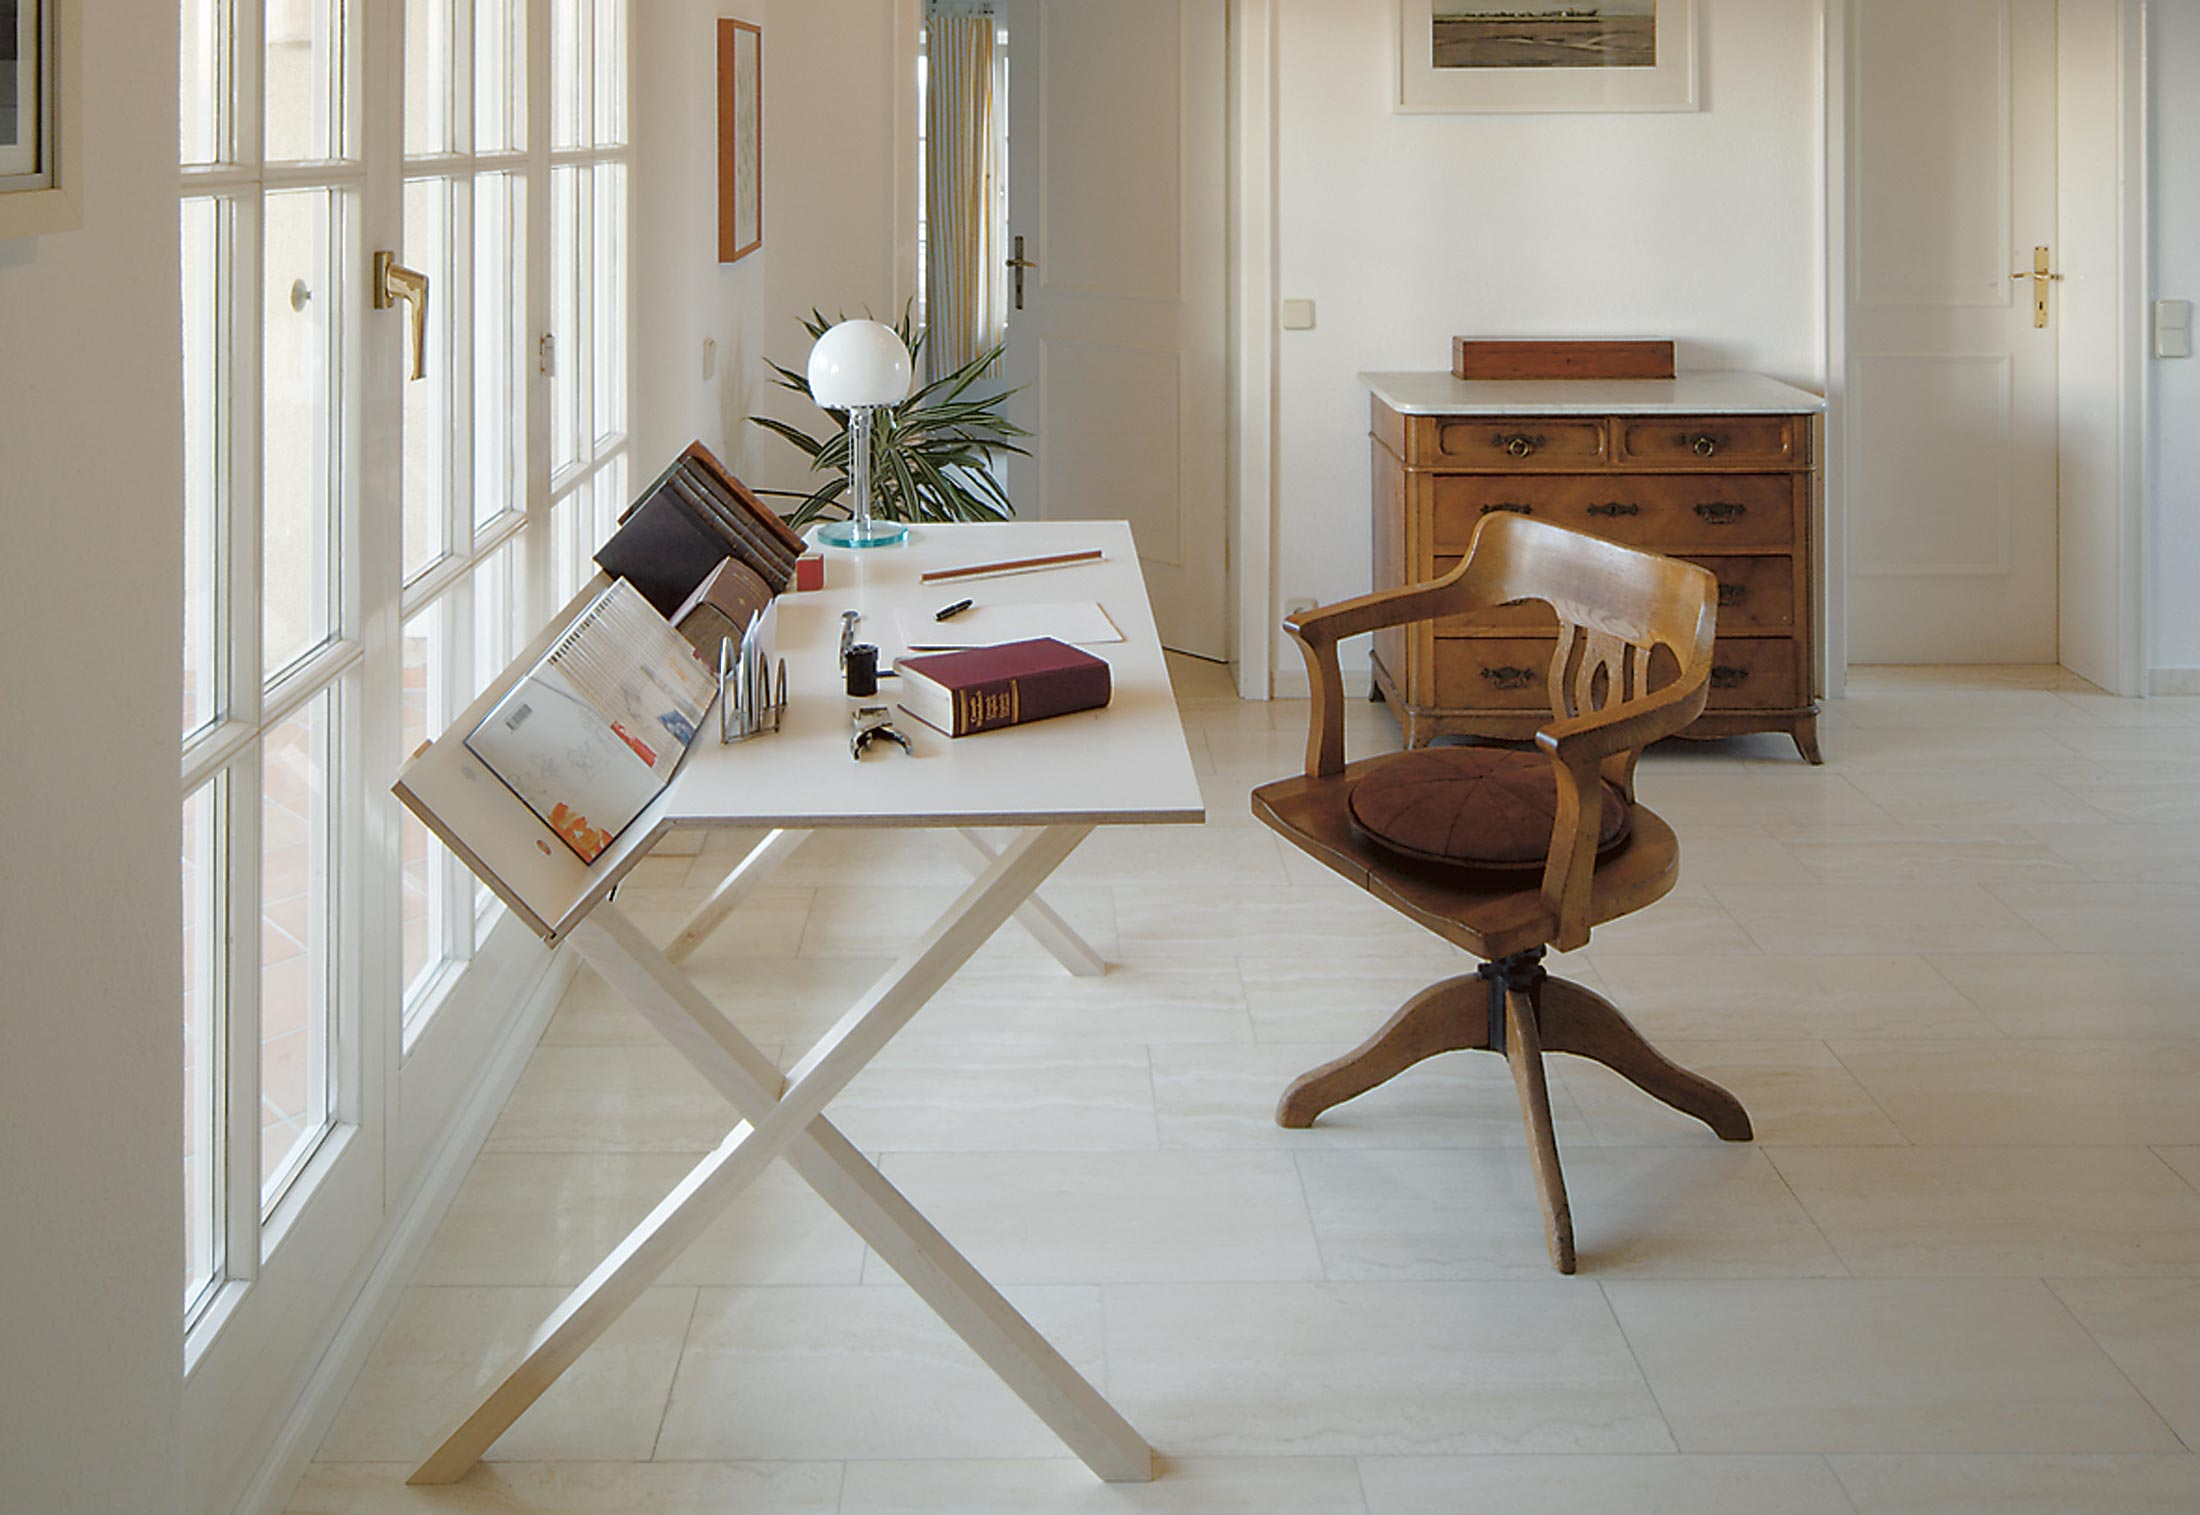 kant by nils holger moormann stylepark. Black Bedroom Furniture Sets. Home Design Ideas